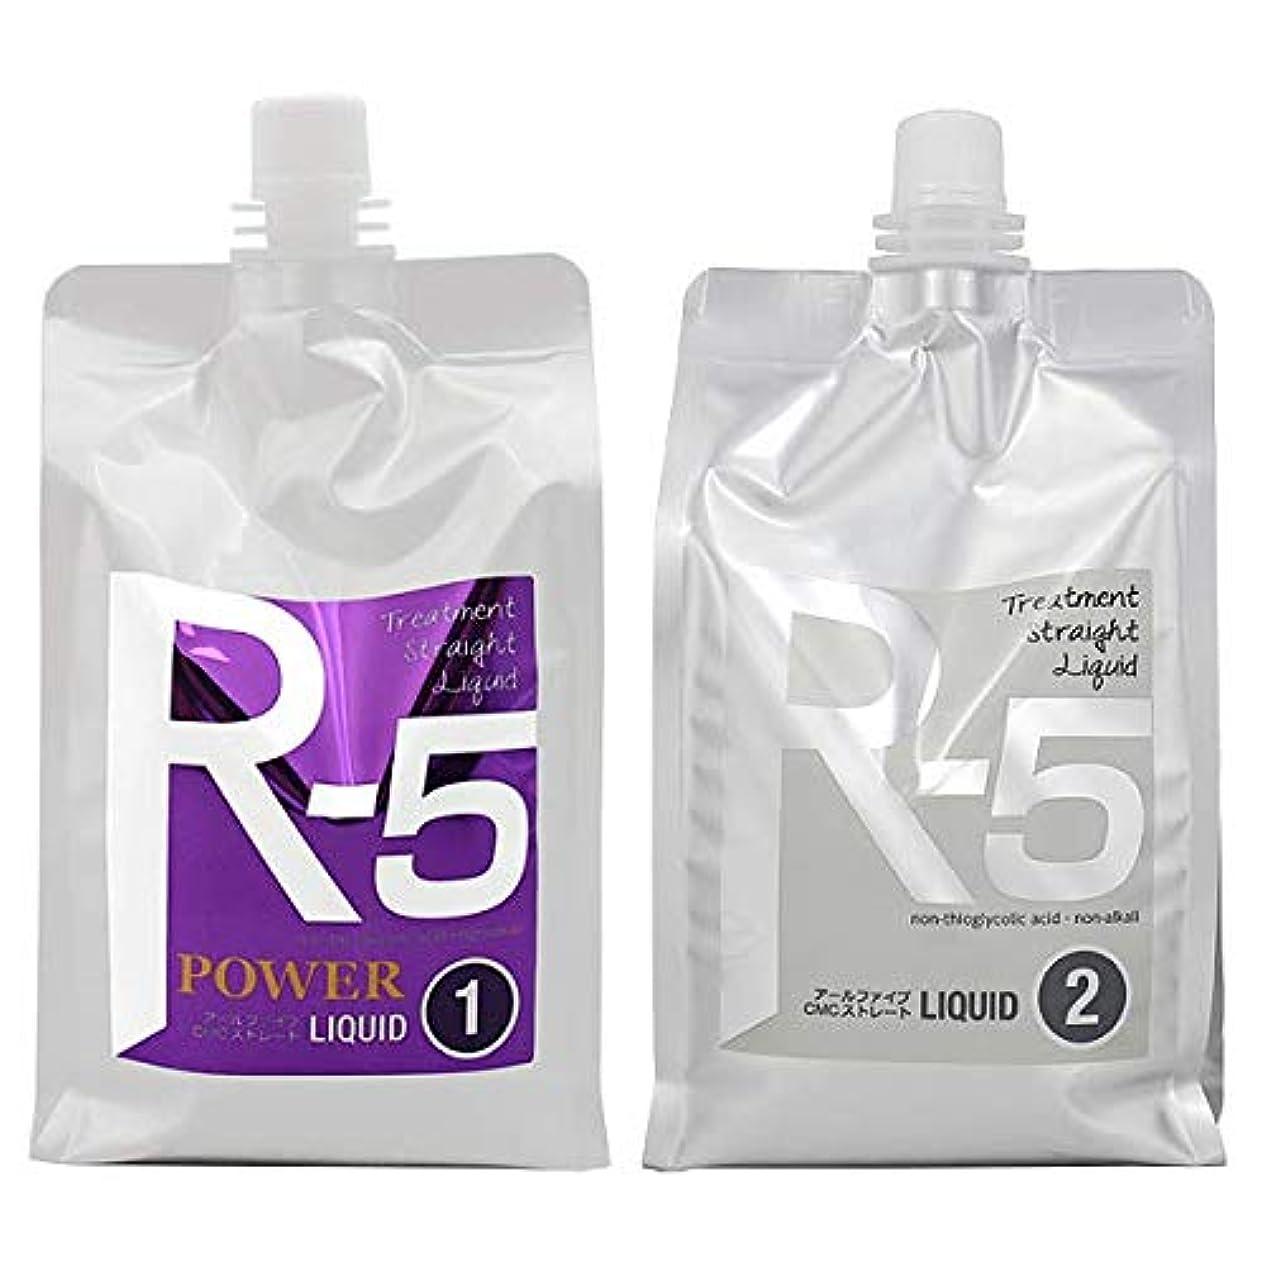 ガムリズム懇願するCMCトリートメントストレート R-5 パープル(パワー) ストレート剤